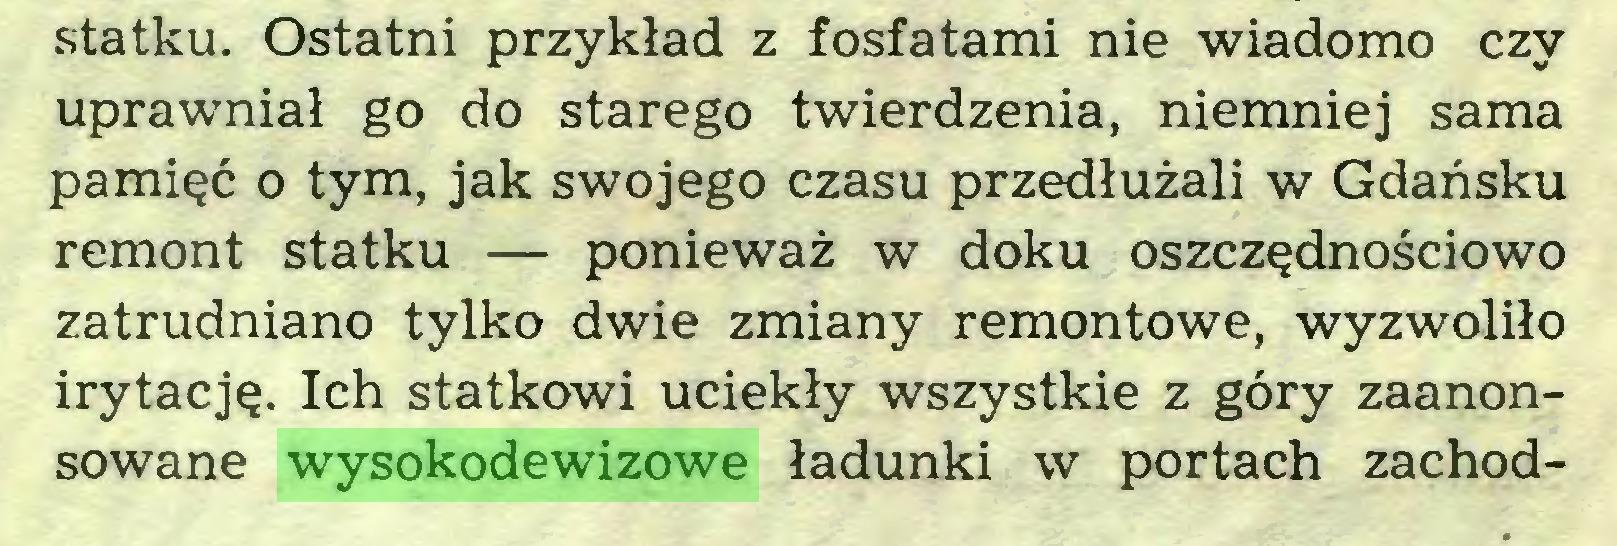 (...) statku. Ostatni przykład z fosfatami nie wiadomo czy uprawniał go do starego twierdzenia, niemniej sama pamięć o tym, jak swojego czasu przedłużali w Gdańsku remont statku — ponieważ w doku oszczędnościowo zatrudniano tylko dwie zmiany remontowe, wyzwoliło irytację. Ich statkowi uciekły wszystkie z góry zaanonsowane wysokodewizowe ładunki w portach zachod...